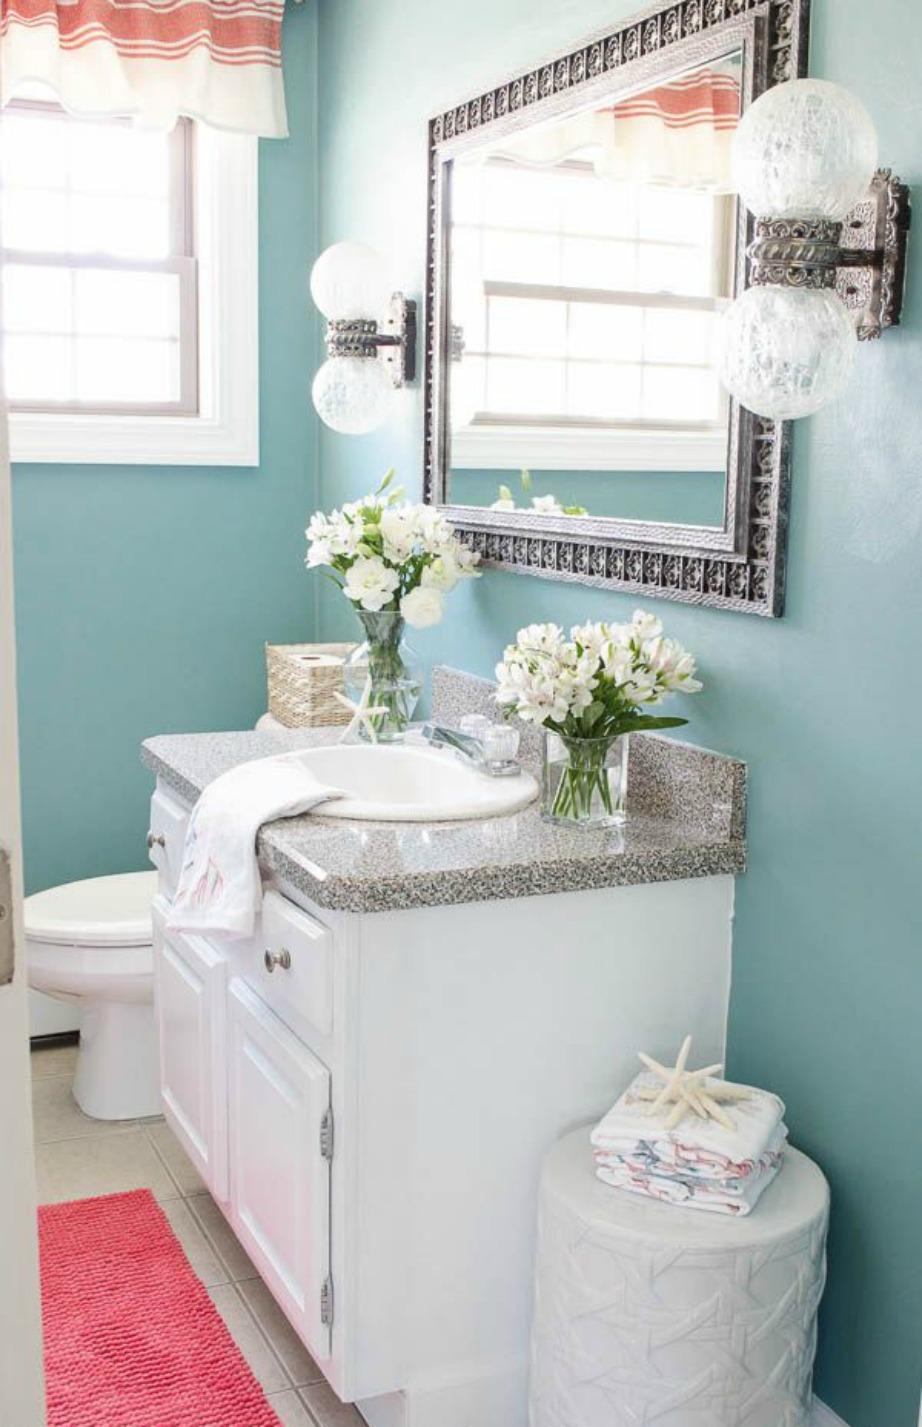 Το απαλό μπλε ταιριάζει πολύ σε μπάνια και υπνοδωμάτια.